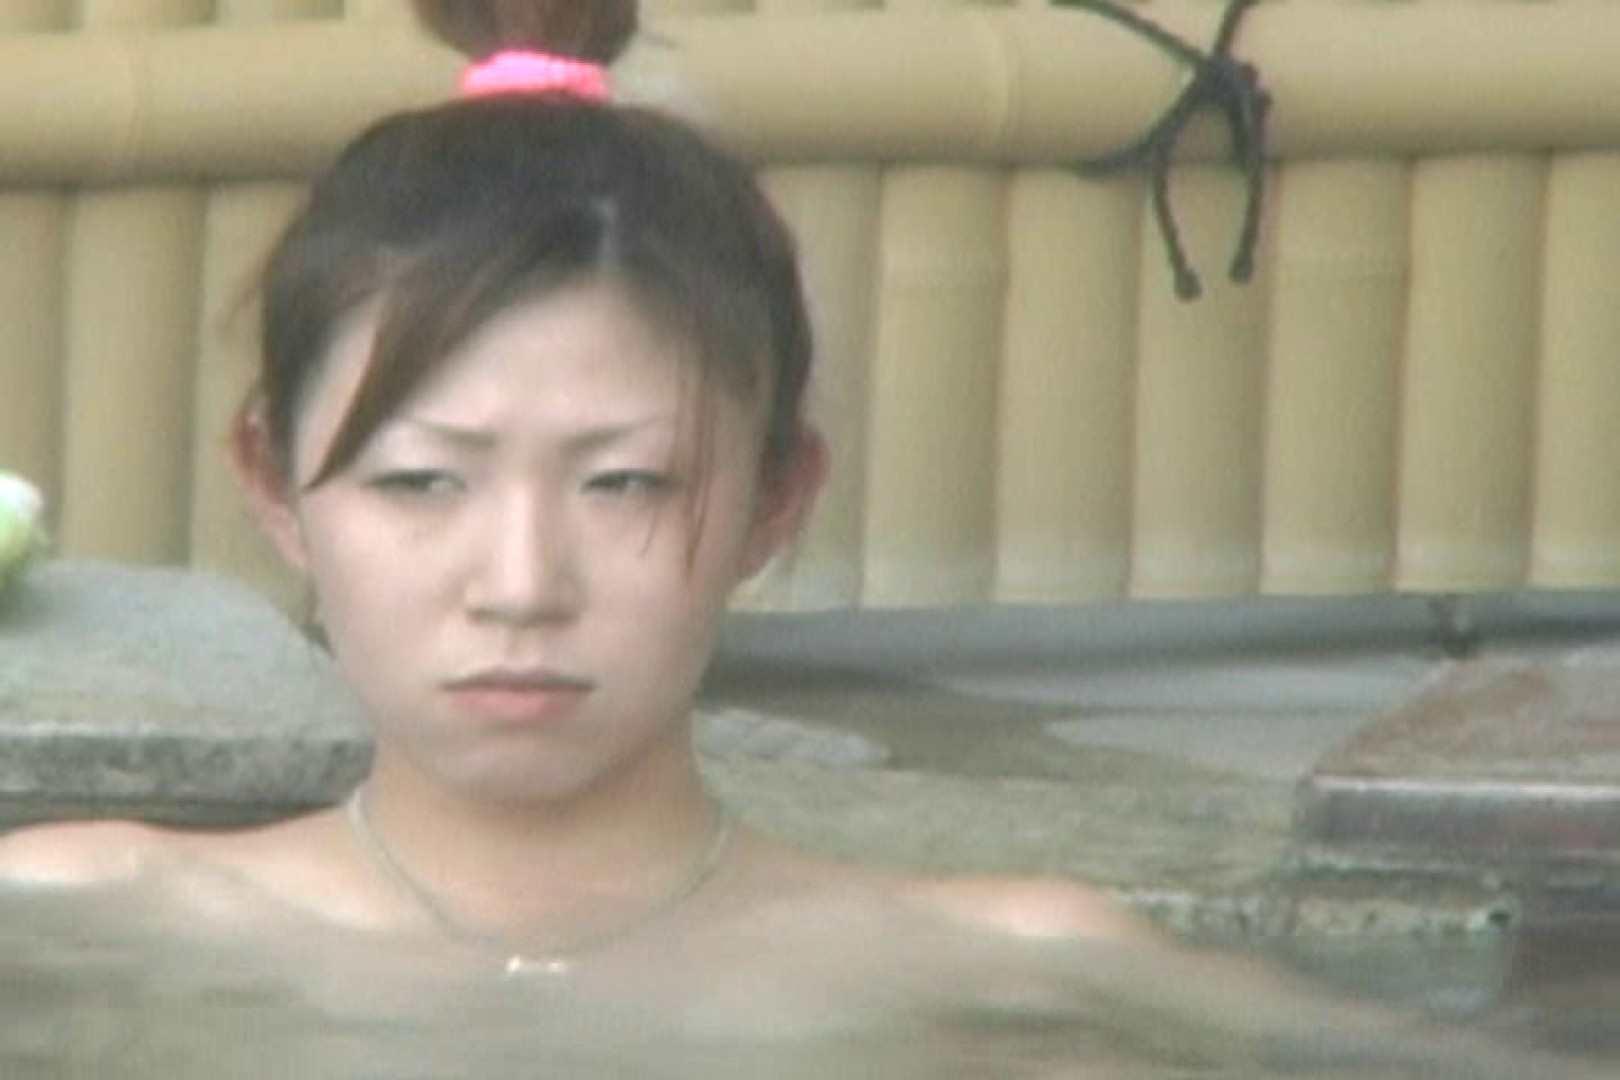 Aquaな露天風呂Vol.593 綺麗なOLたち | 盗撮  97枚 13